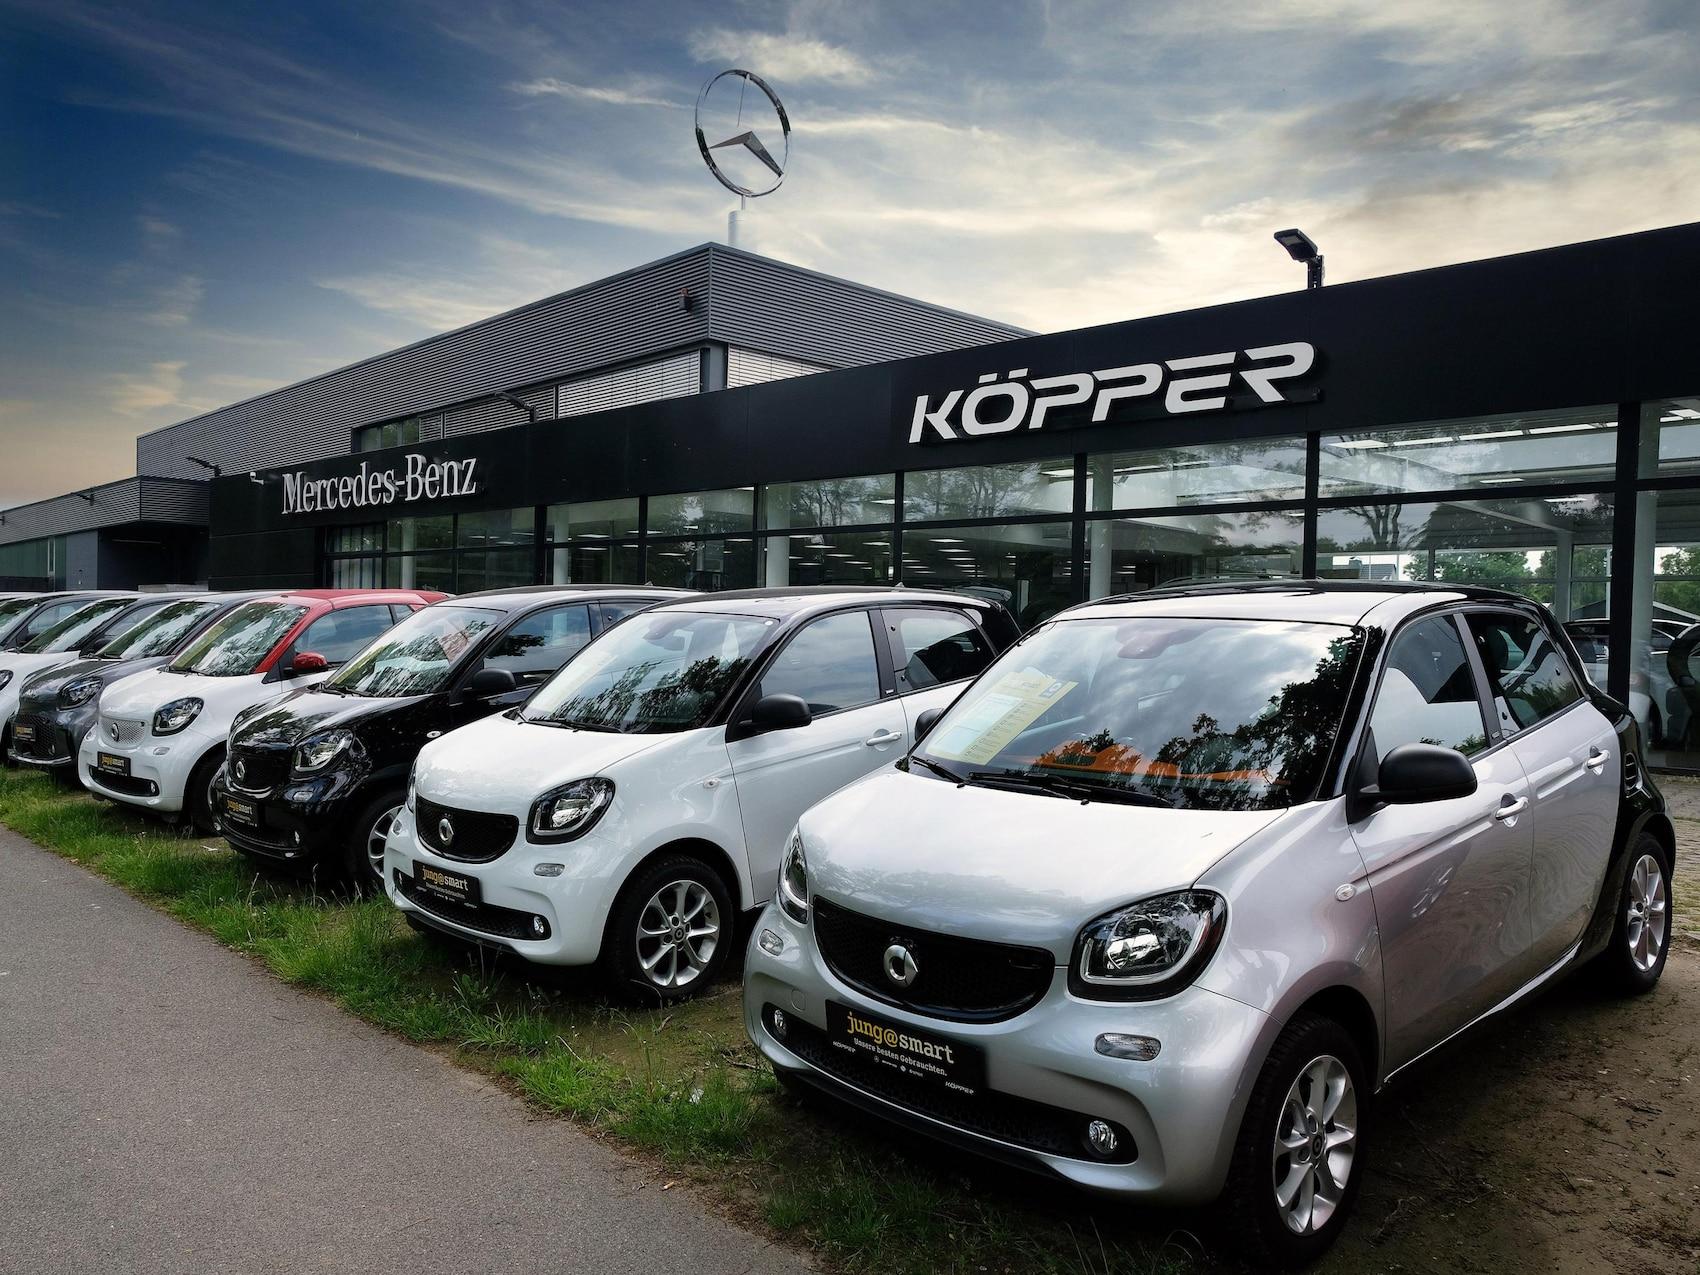 Autohaus Herbert Köpper, Standort Dorsten